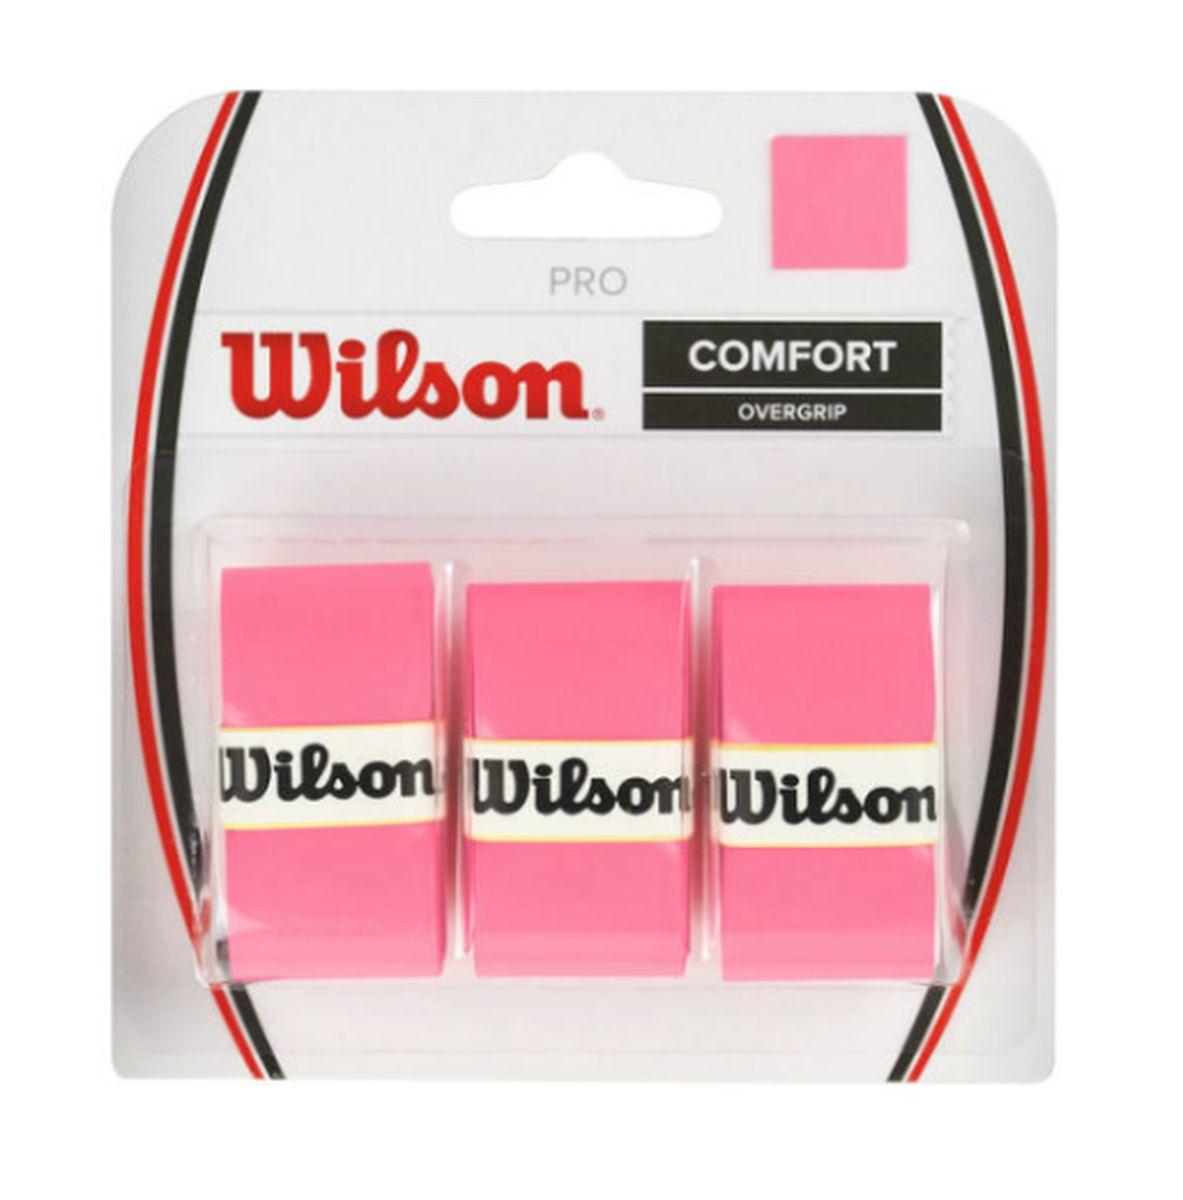 Обмотка Wilson Pro Overgrip, цвет: розовый332515-2800Самый популярный овергрипп в мире. Выбор Лидеров мирового Тенниса Серены и Роджера